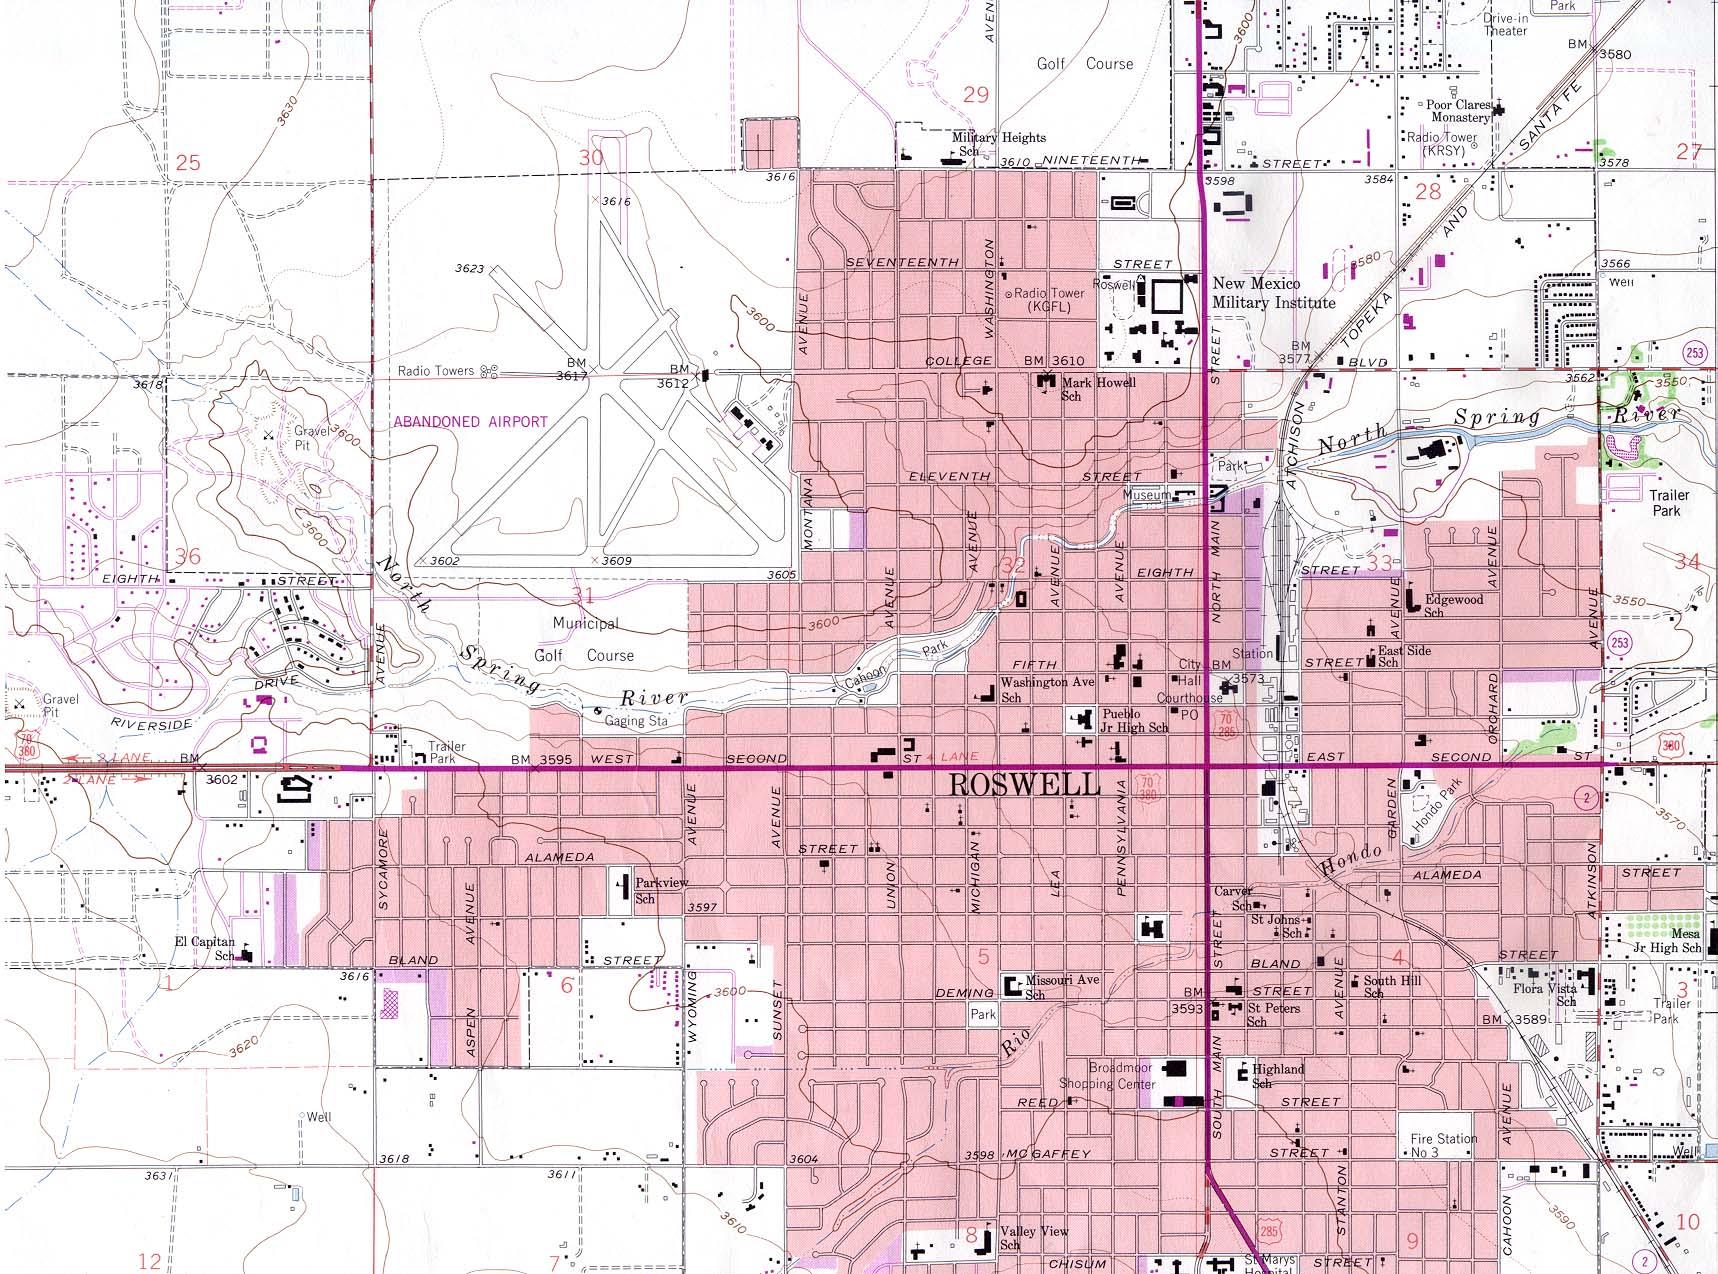 Mapa Topográfico de la Ciudad de Roswell, Nuevo México, Estados Unidos